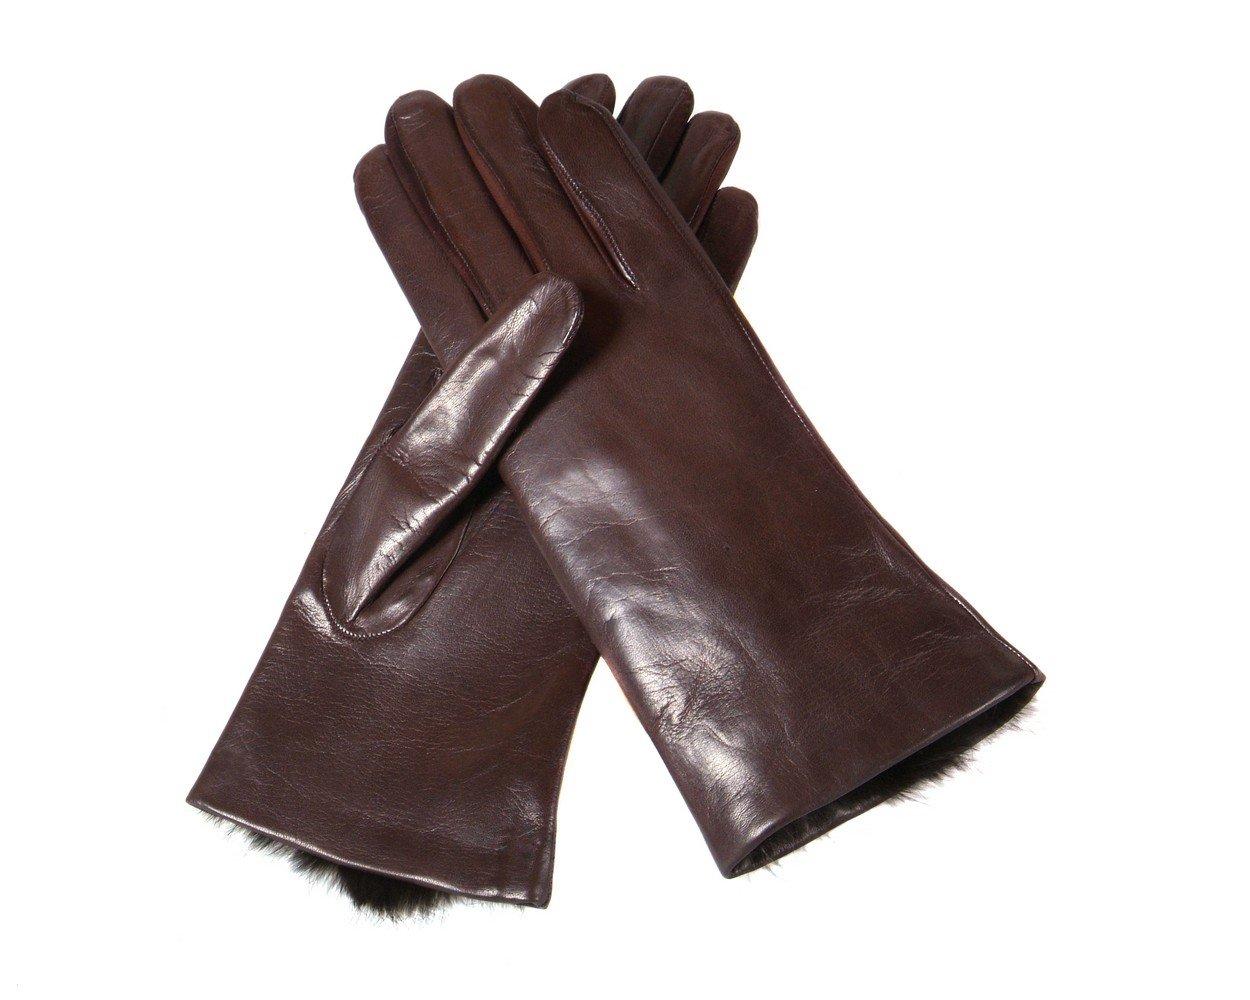 SAGEBROWN Brown Ladies Fur Lined Gloves